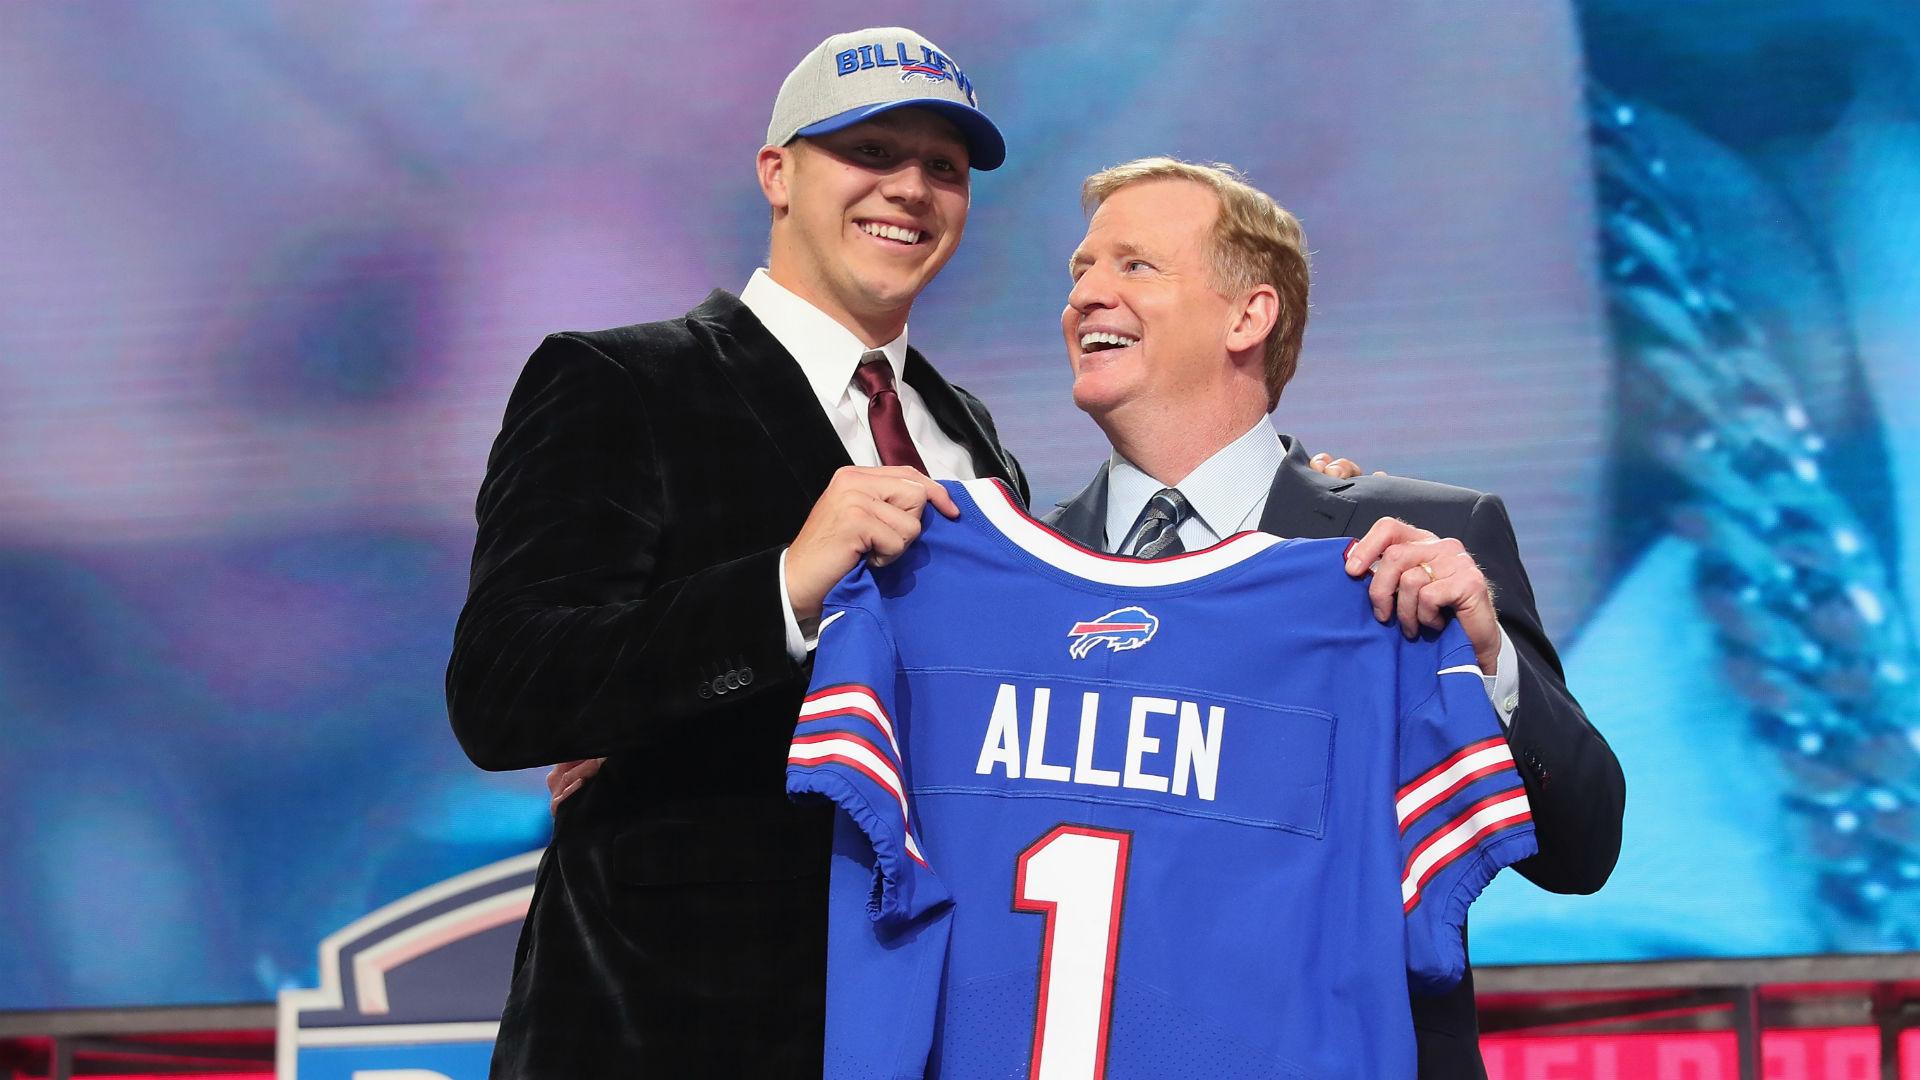 Josh Allen 'blowing people away' at Bills practice, report says